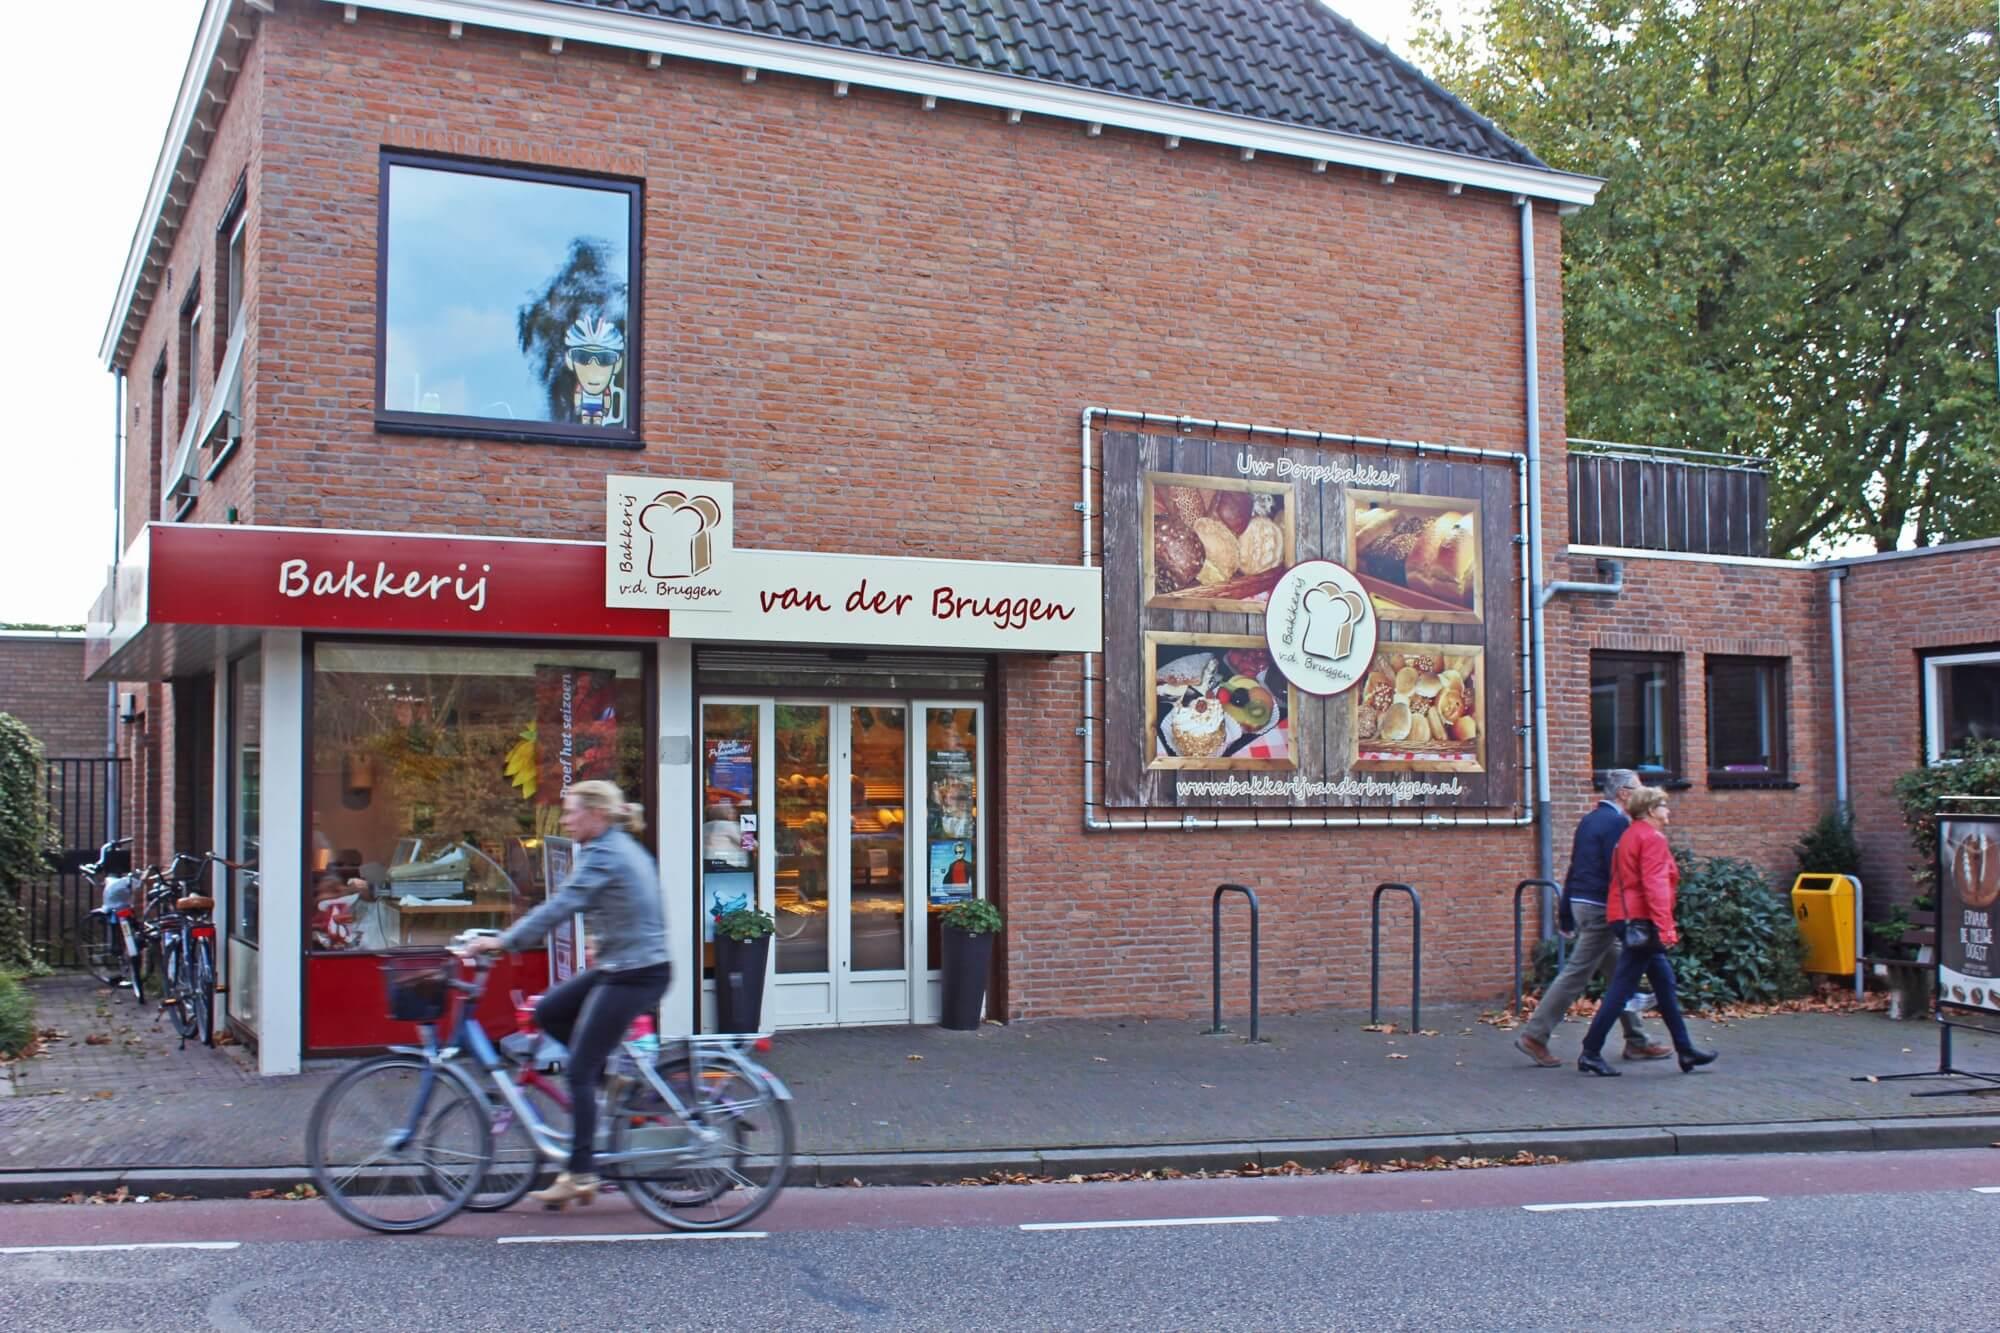 Bakkerij van de Bruggen